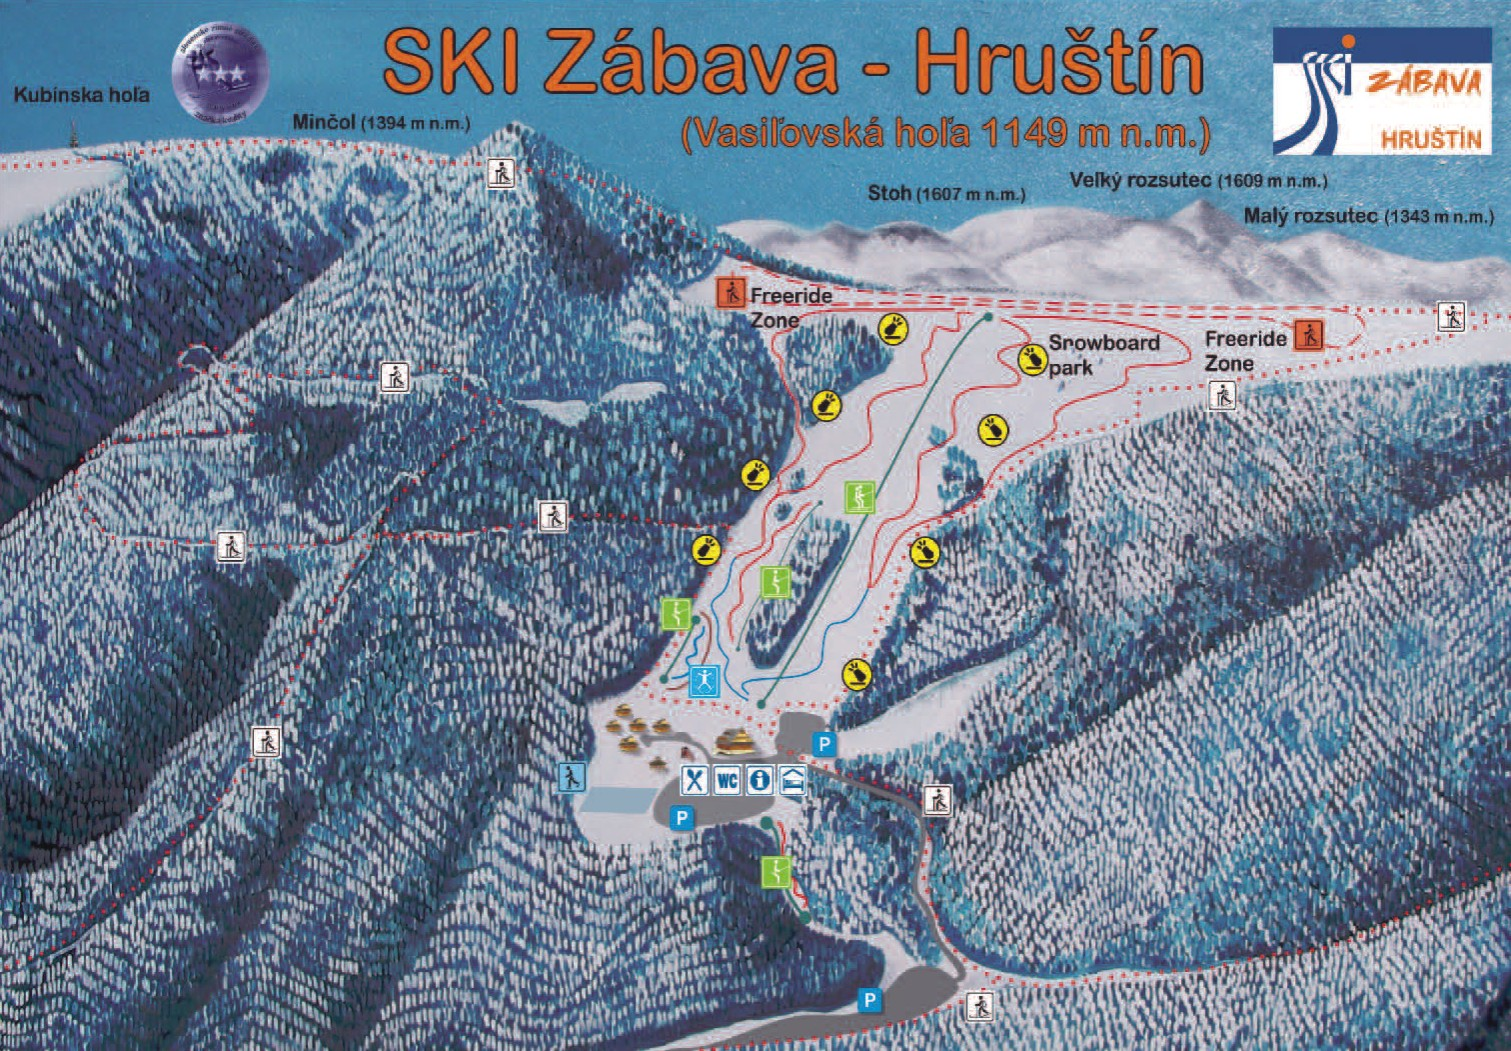 Mapa svahov v stredisku Ski Zábava Hruštín